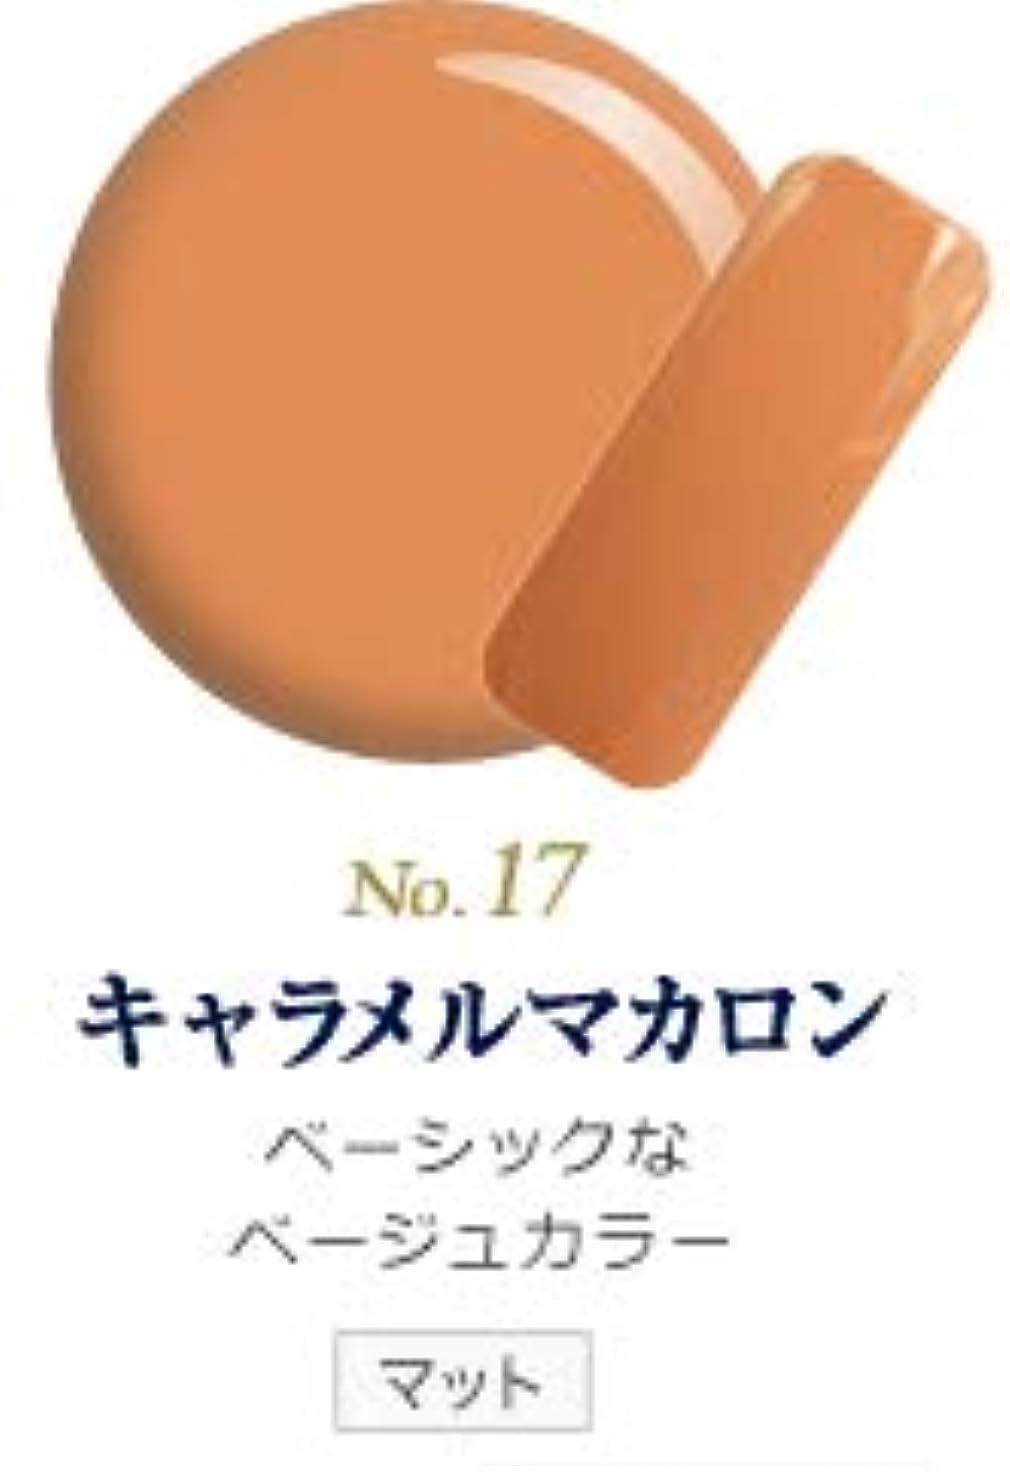 パーセント民主主義バケット発色抜群 削らなくてもオフが出来る 新グレースジェルカラーNo.11~No.209 (キャラメルマカロン)